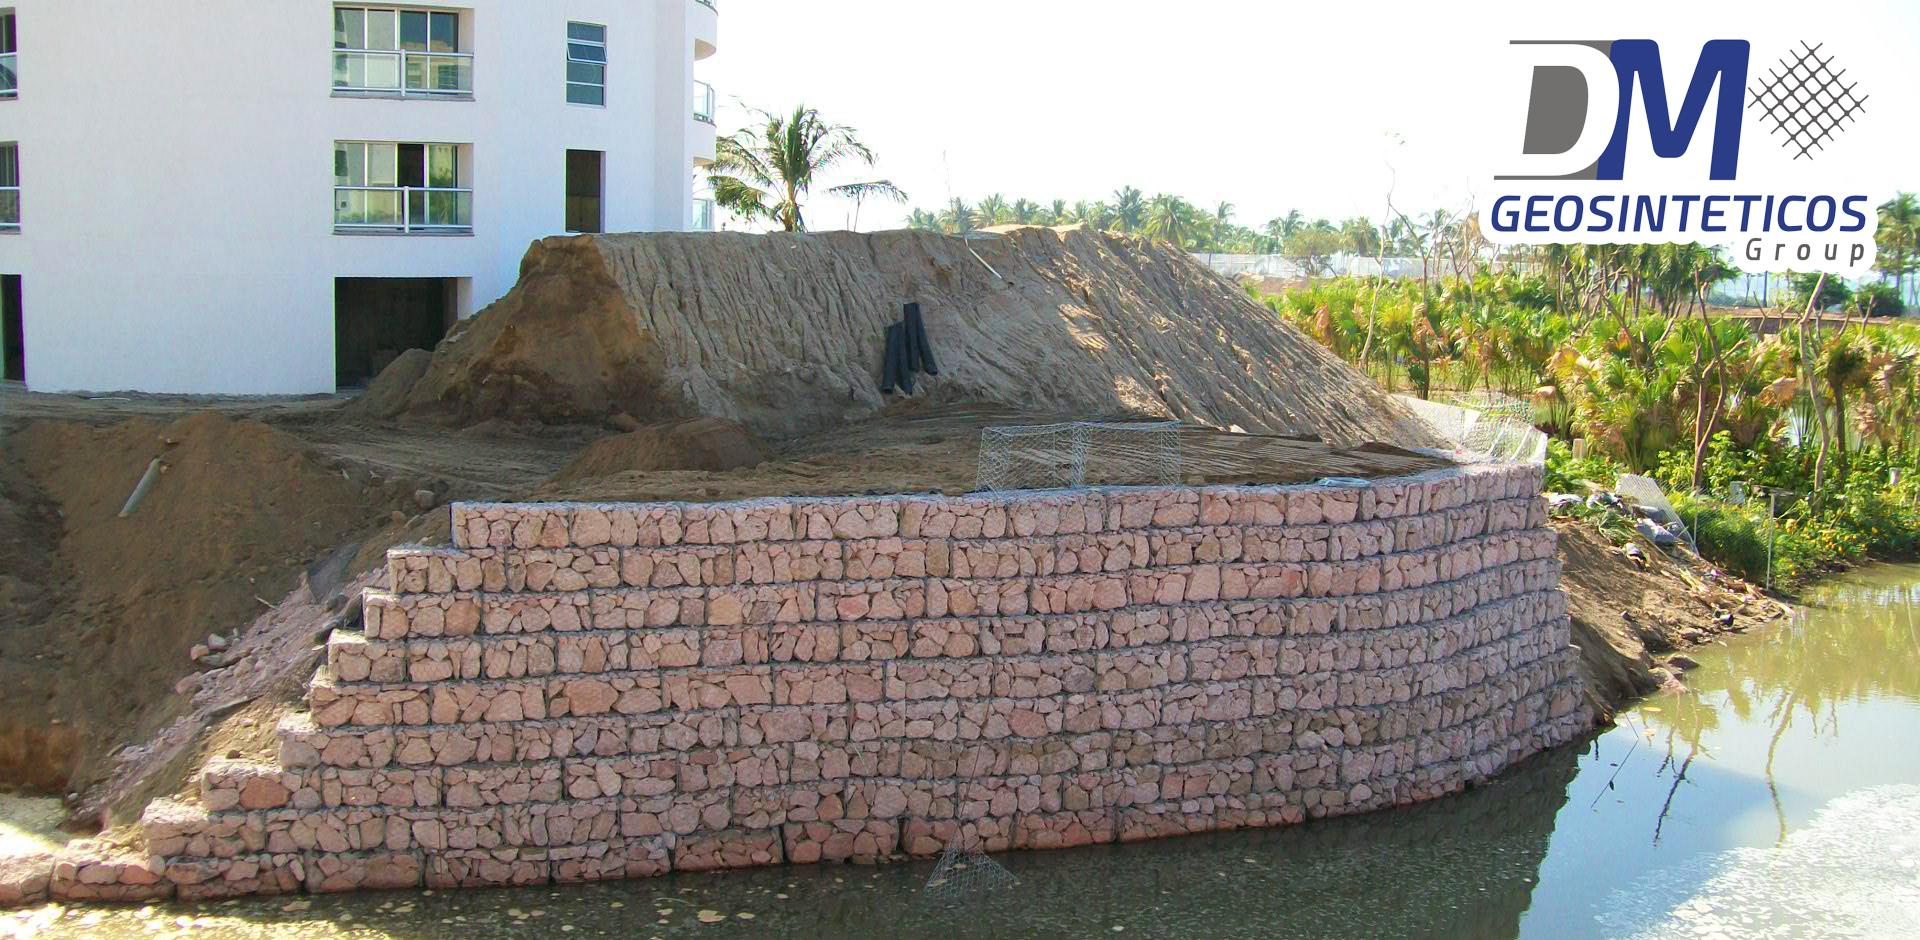 Gaviones dm geosint ticos - Muros de gavion ...